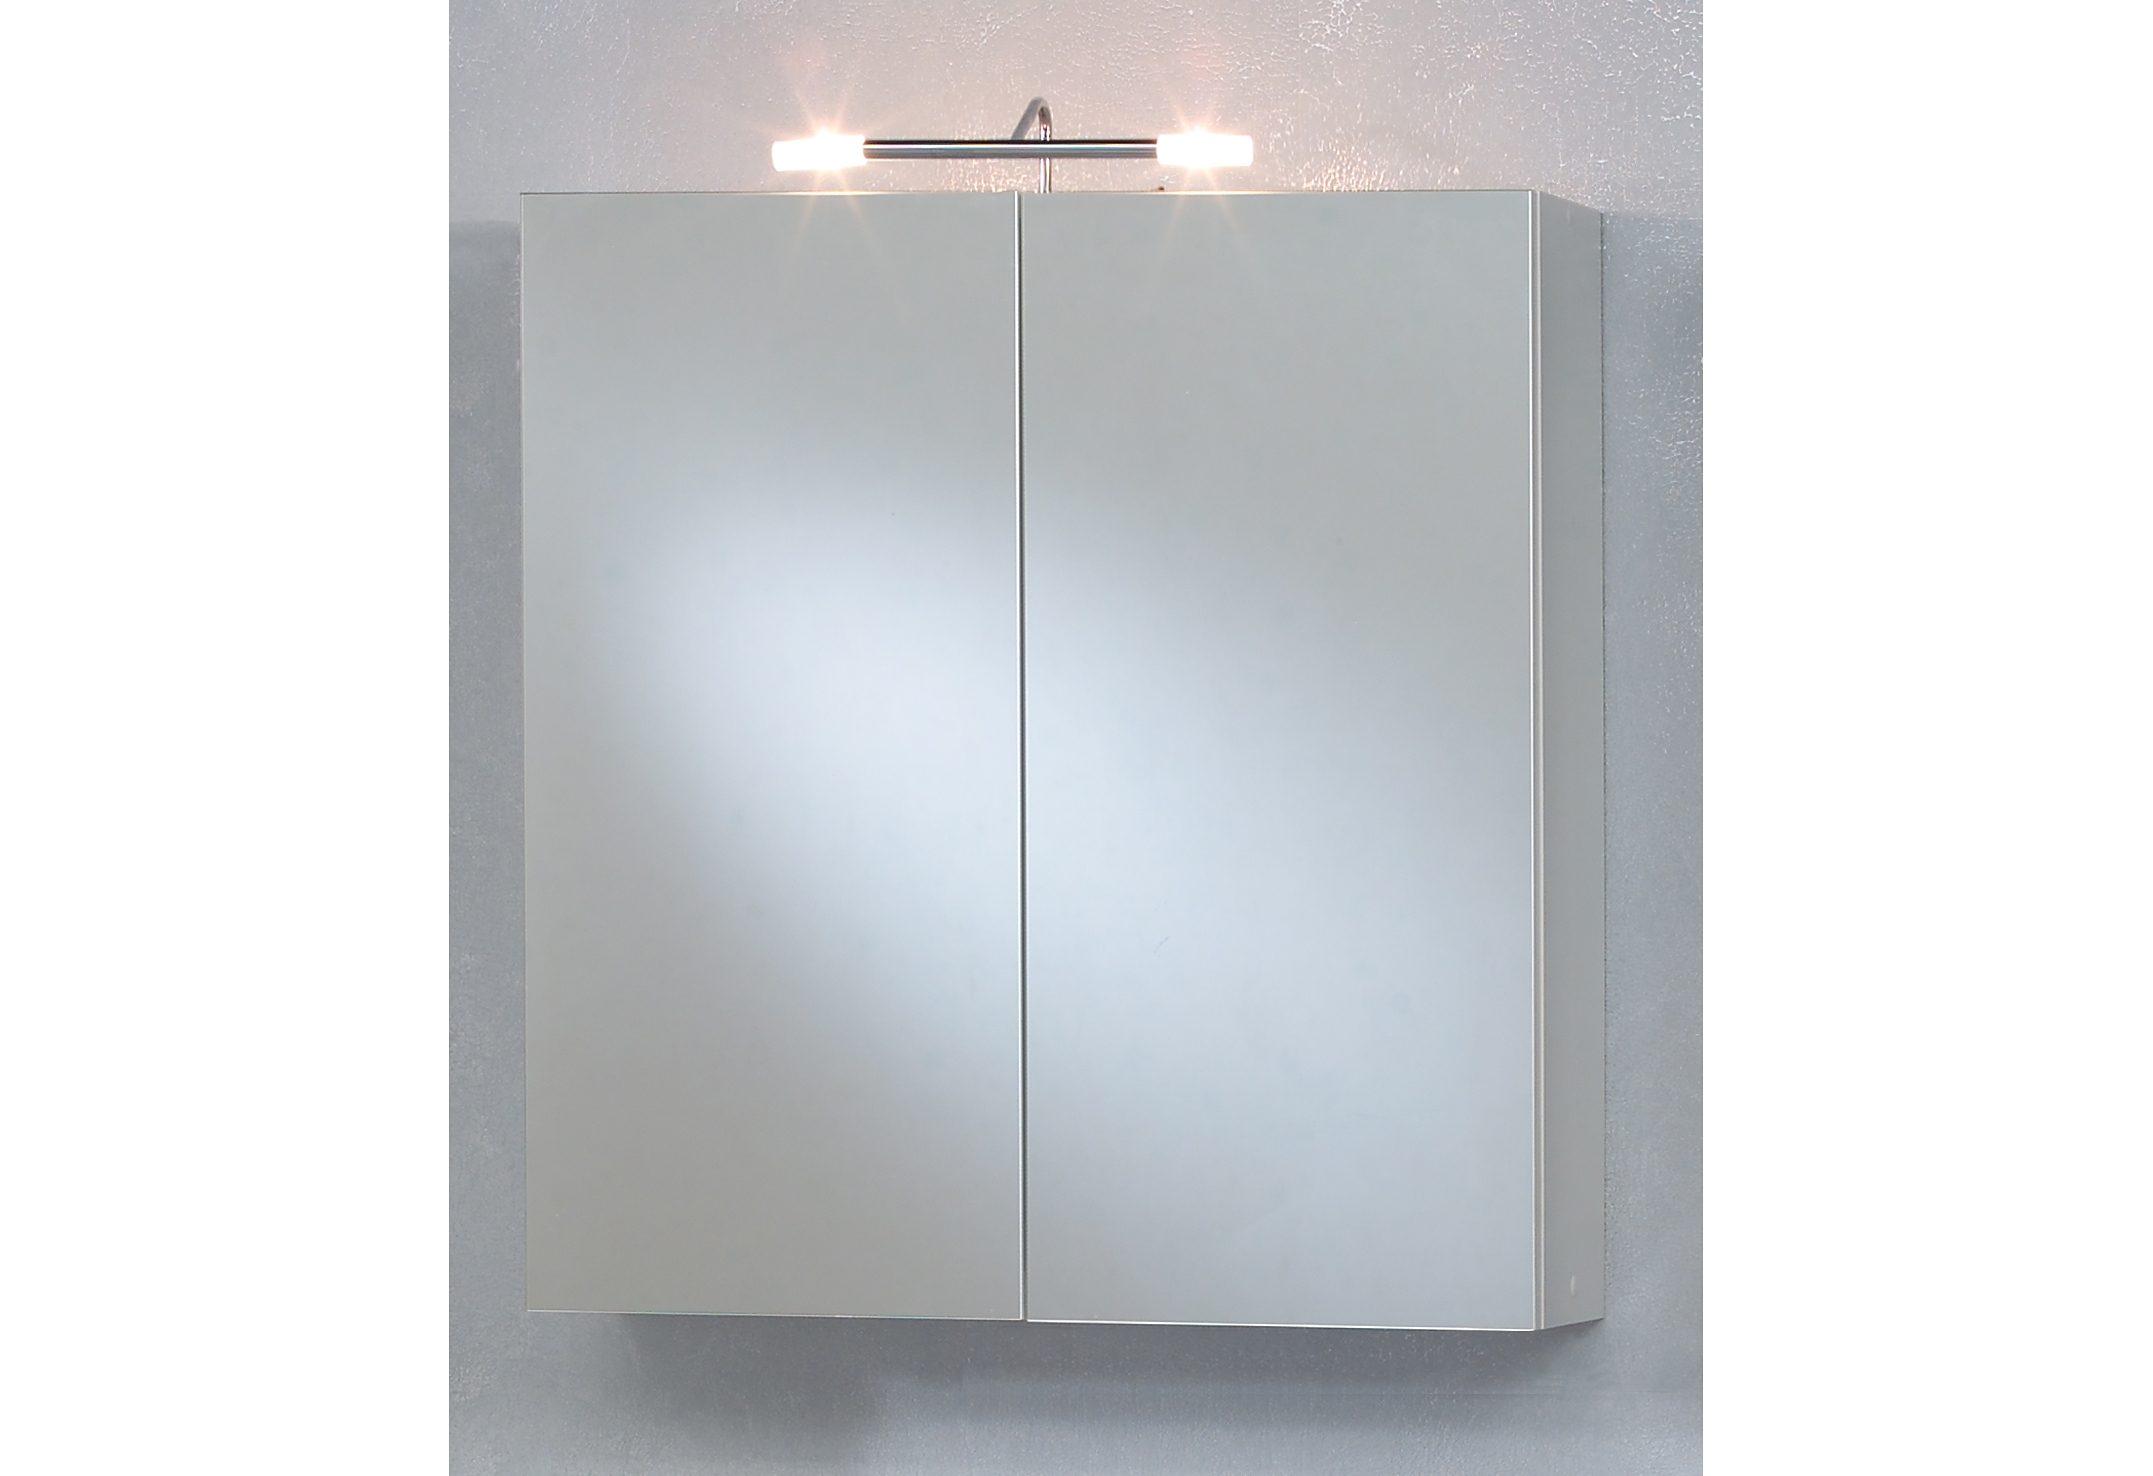 Kesper Spiegelschrank »Aue« mit Beleuchtung